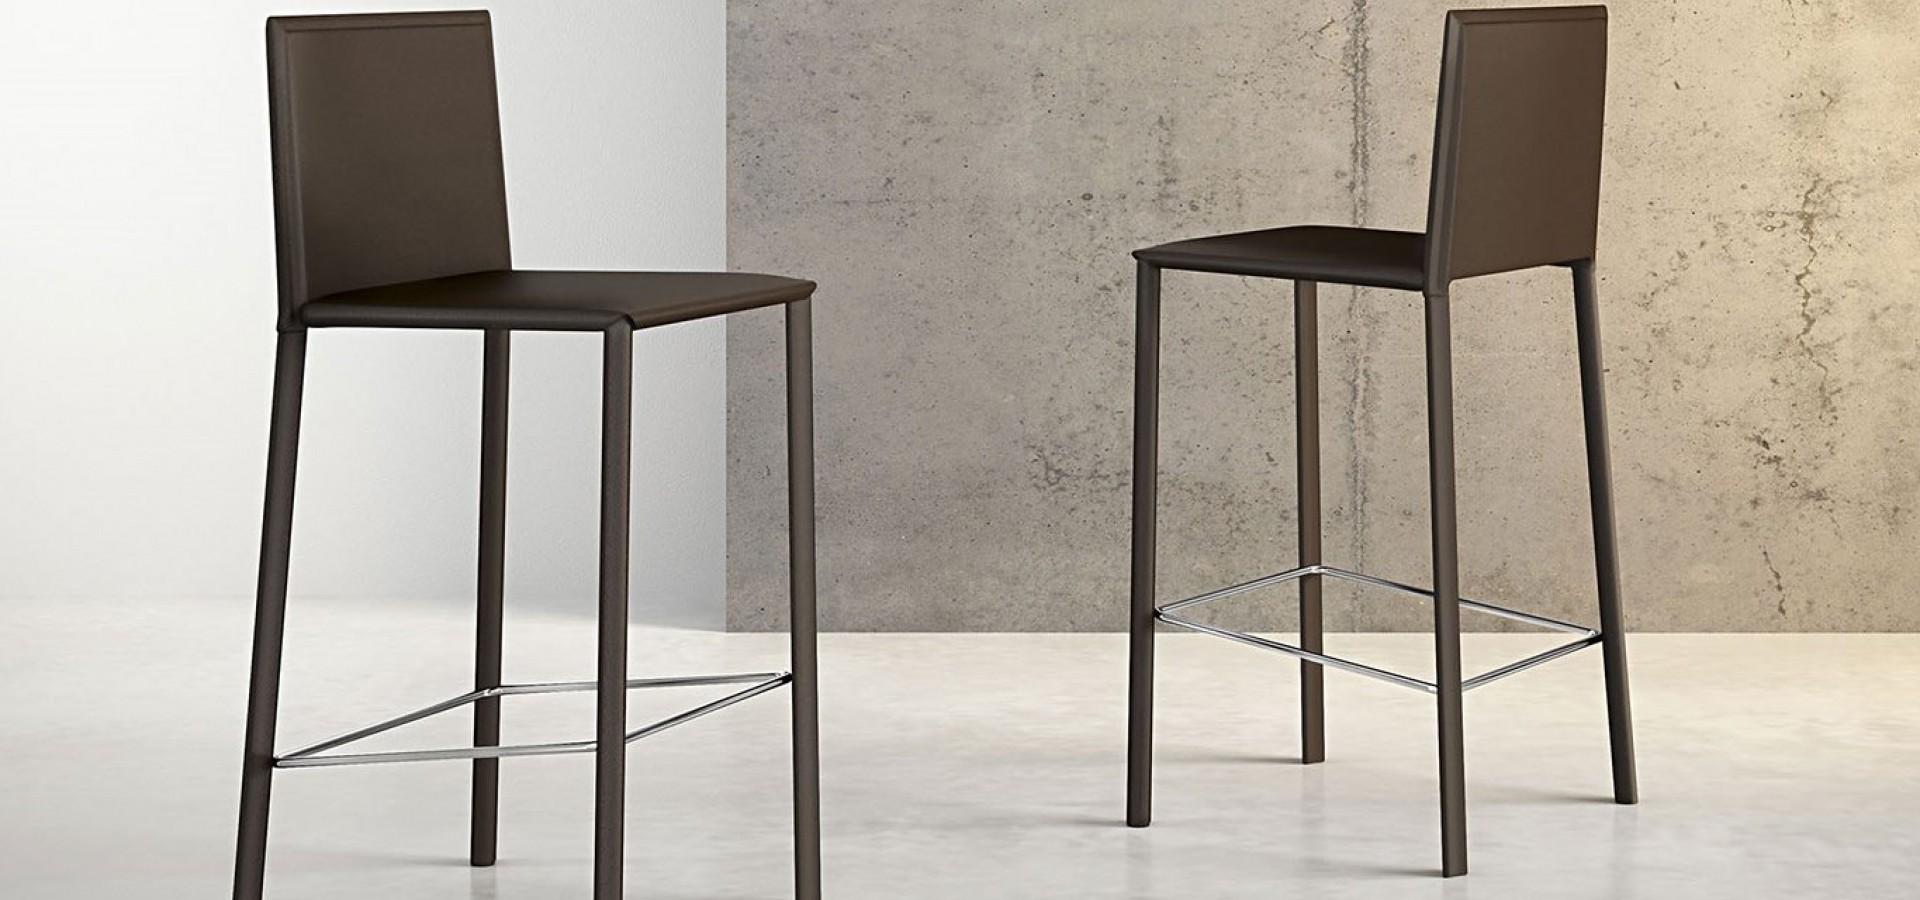 Итальянский стул Барный стул Giulia | Стул Барный стул Giulia ARREDO3